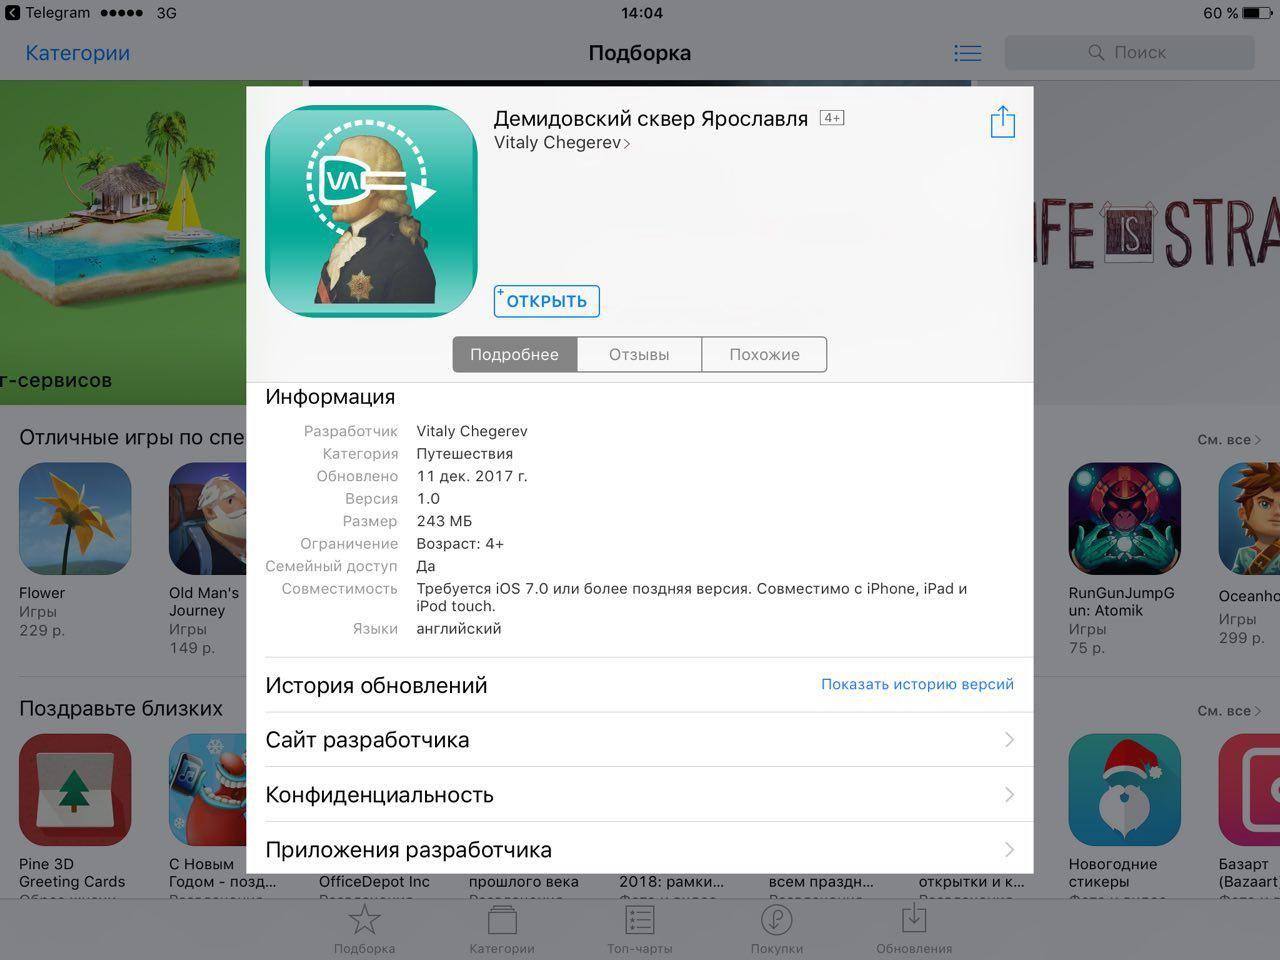 Приложение казино вулкан Тутае download Вилкан играть на планшет Кашин скачать